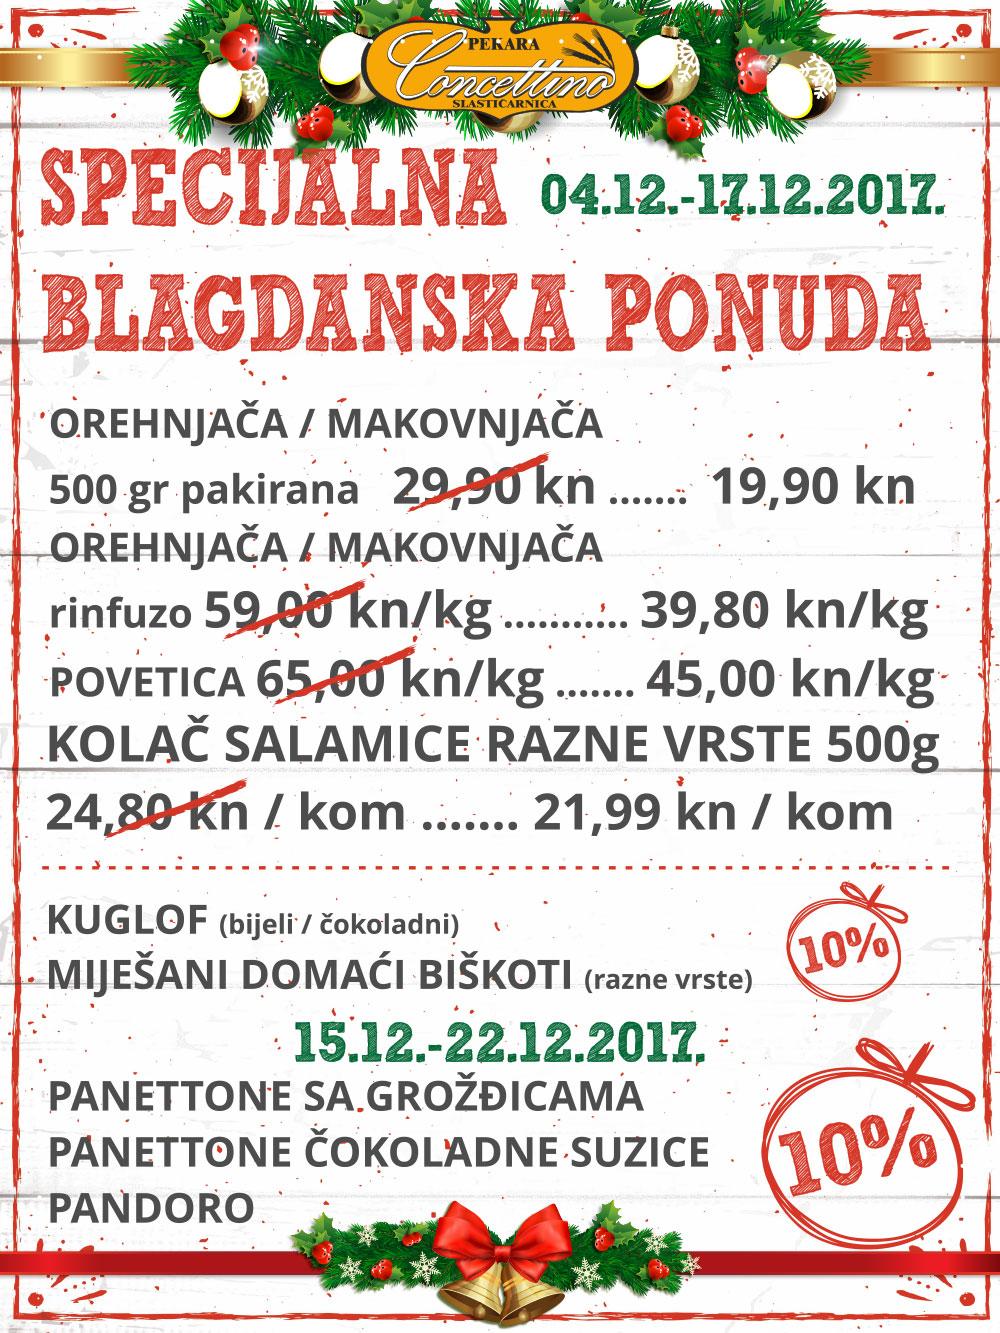 SPECIJALNA-BLAGDANSKA-PONUDA-2017 CONCETTINO